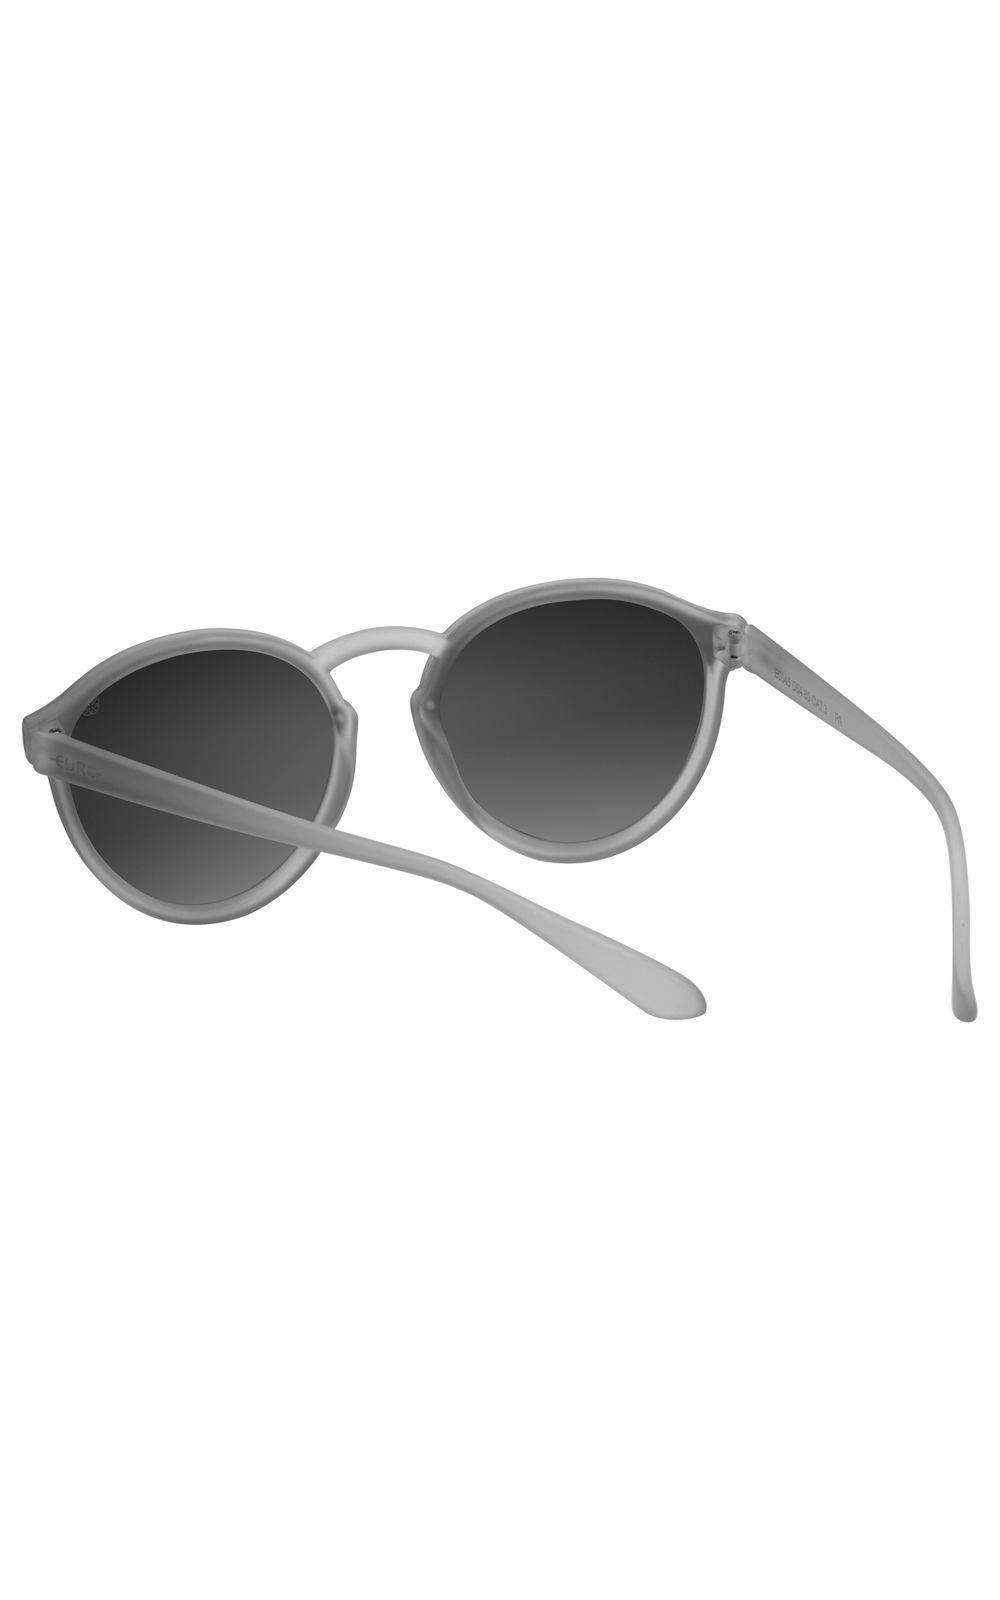 Foto 3 - Óculos Euro Power Shine Transparente E0045D5480/8K